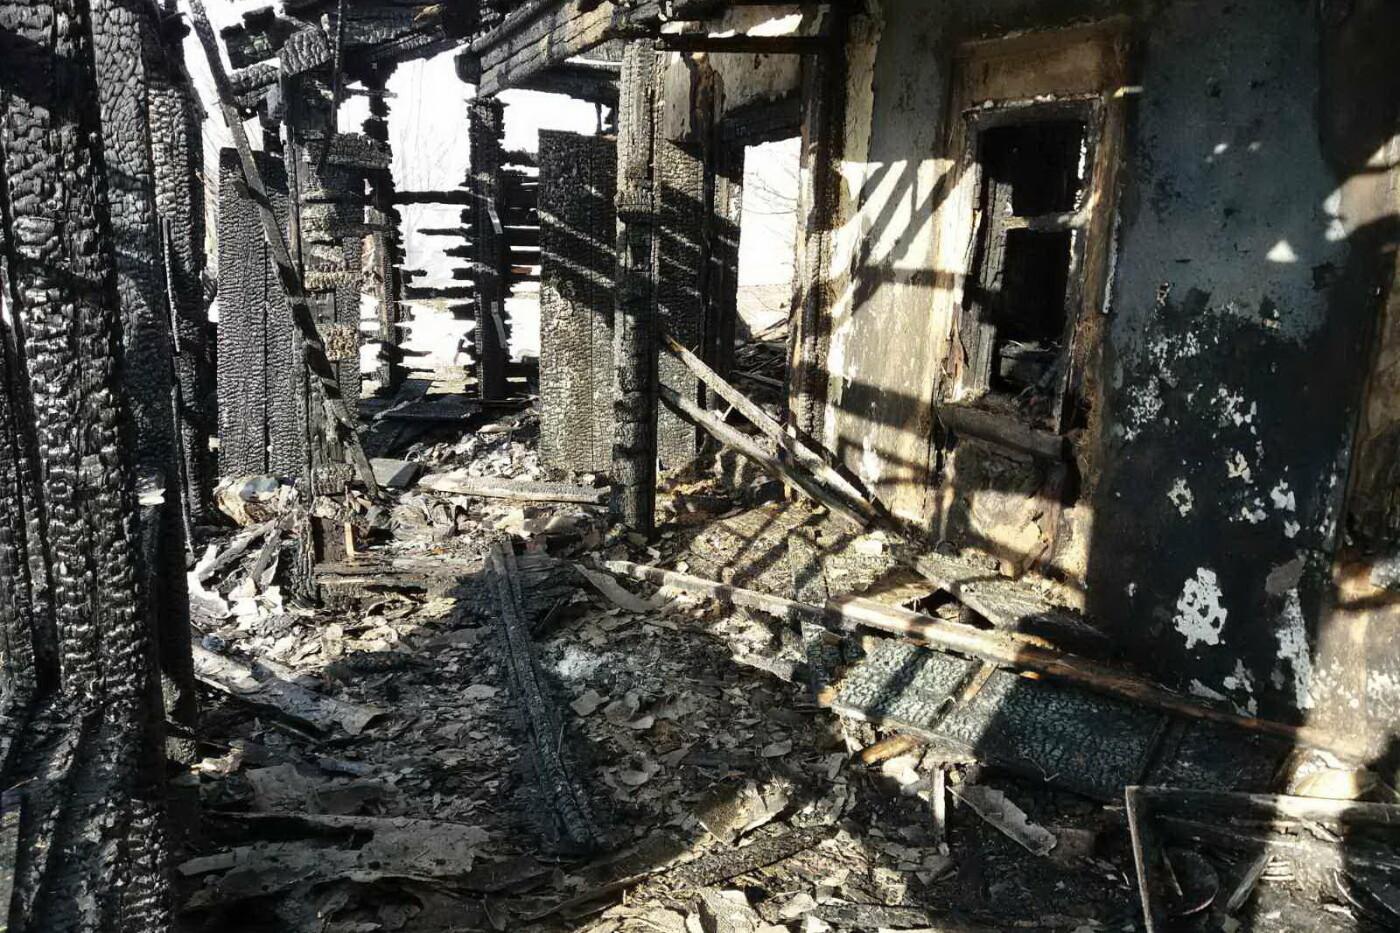 На Харьковщине загорелся дом. Внутри задымленного помещения спасатели нашли тело мужчины, - ФОТО, фото-4